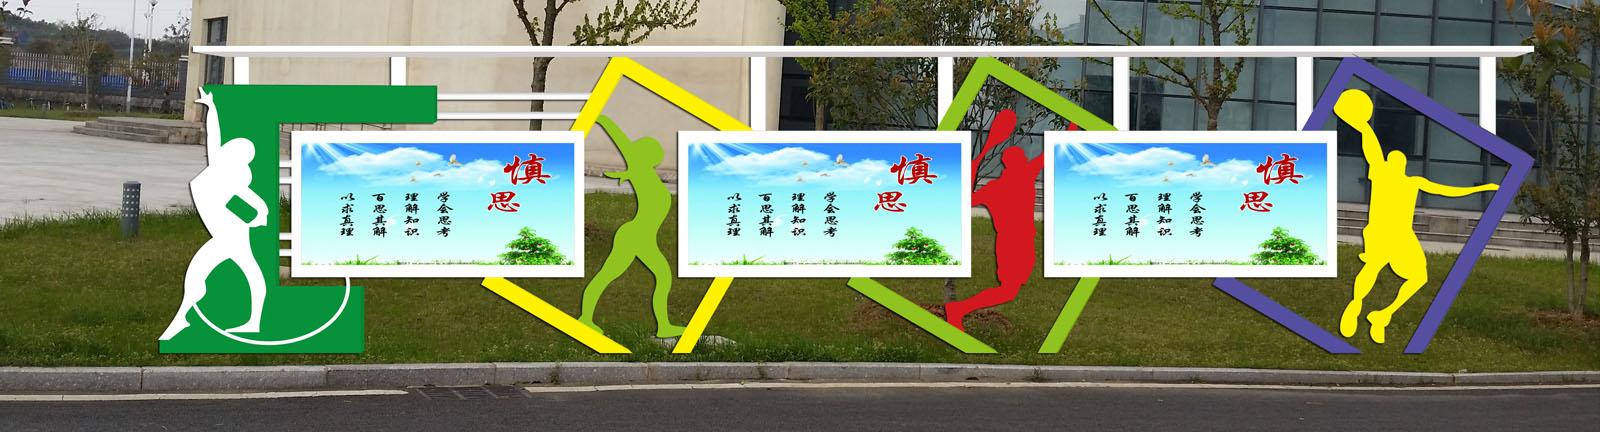 迪庆公交候车亭